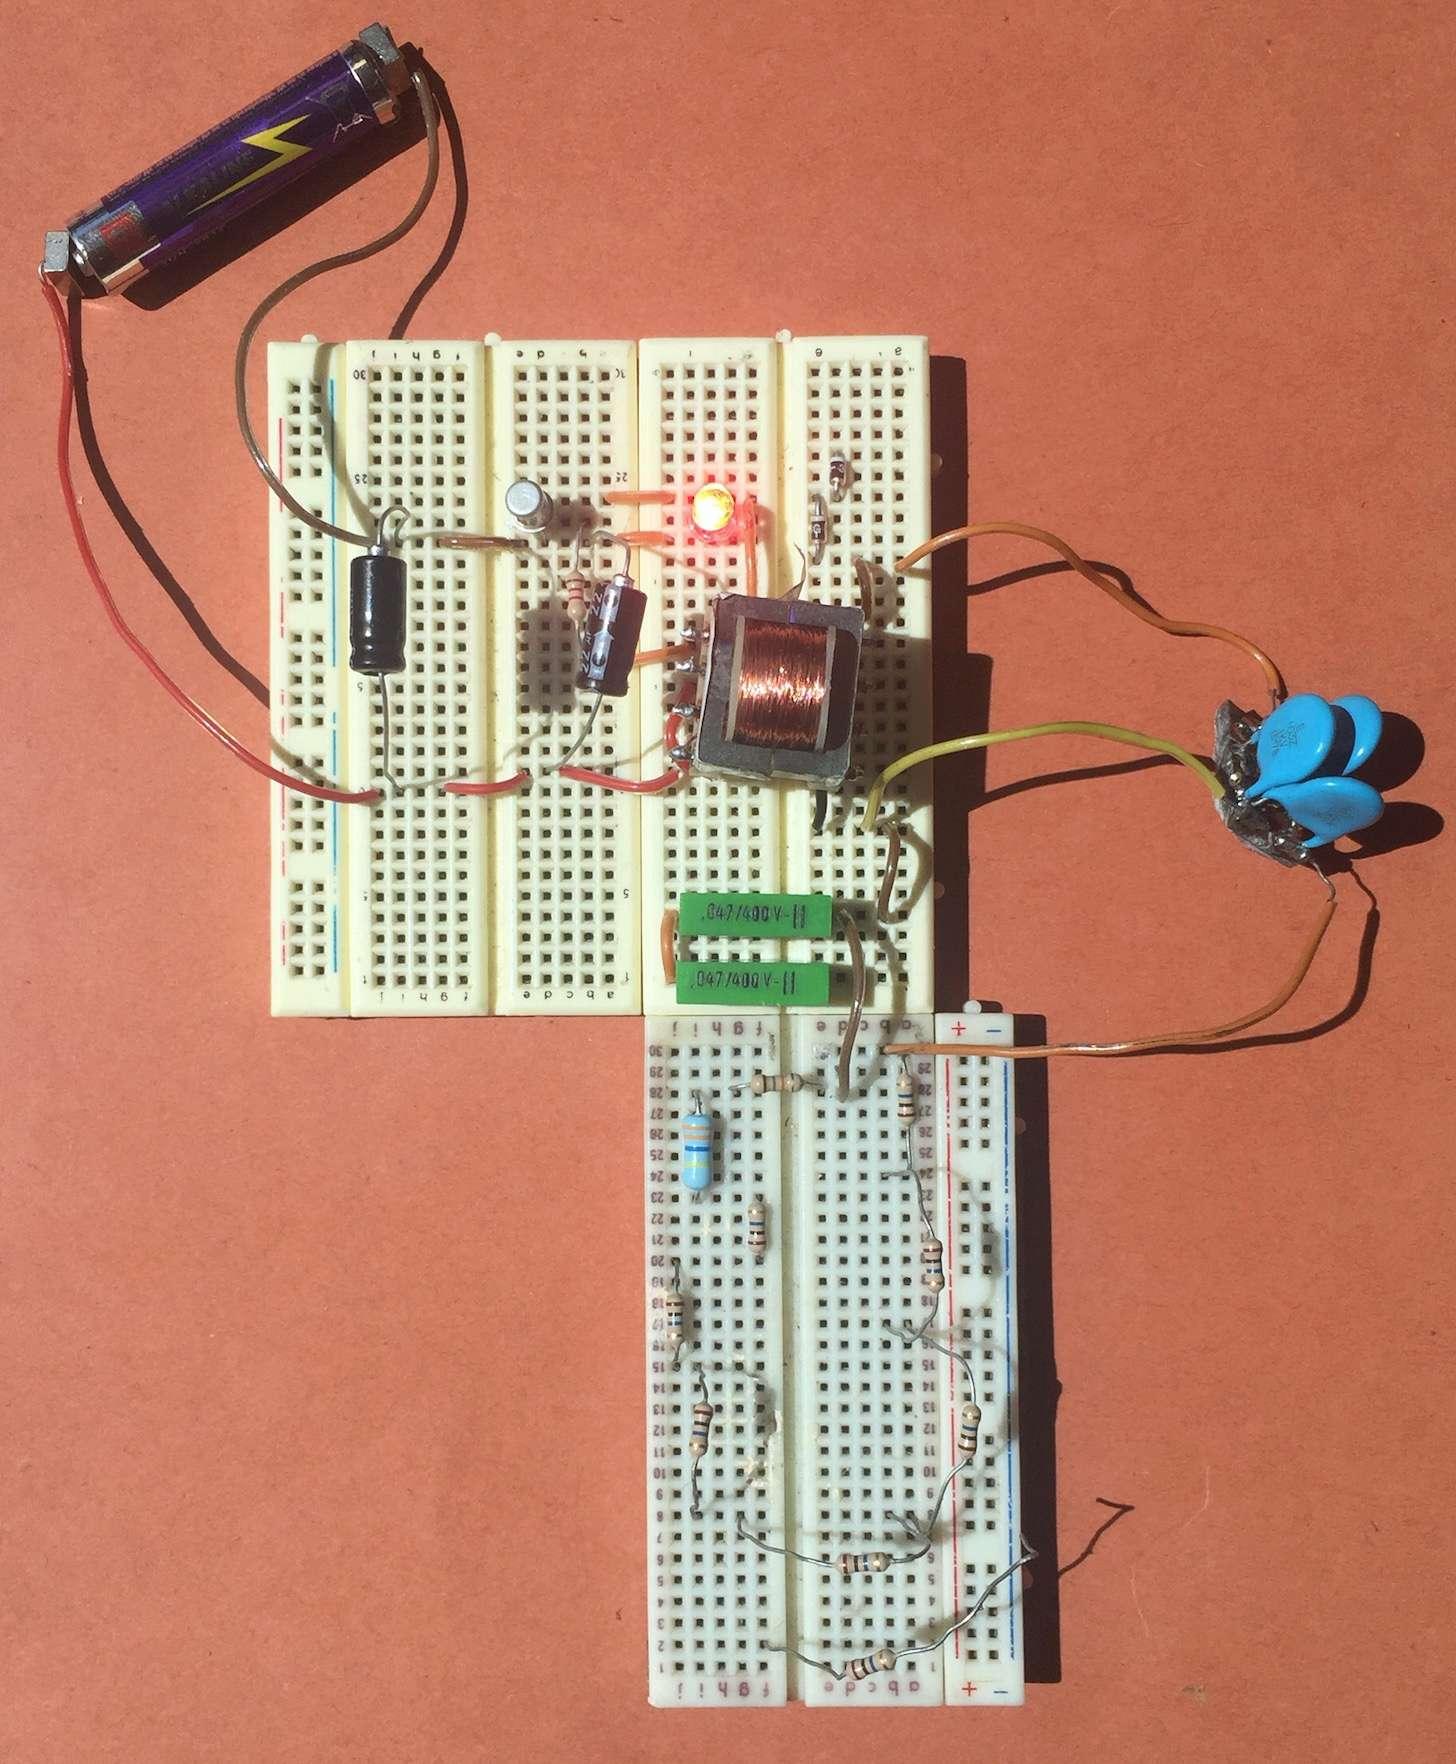 Electronique, récupération, réparation, maintenance, fabrication de compos - Page 12 Captur20